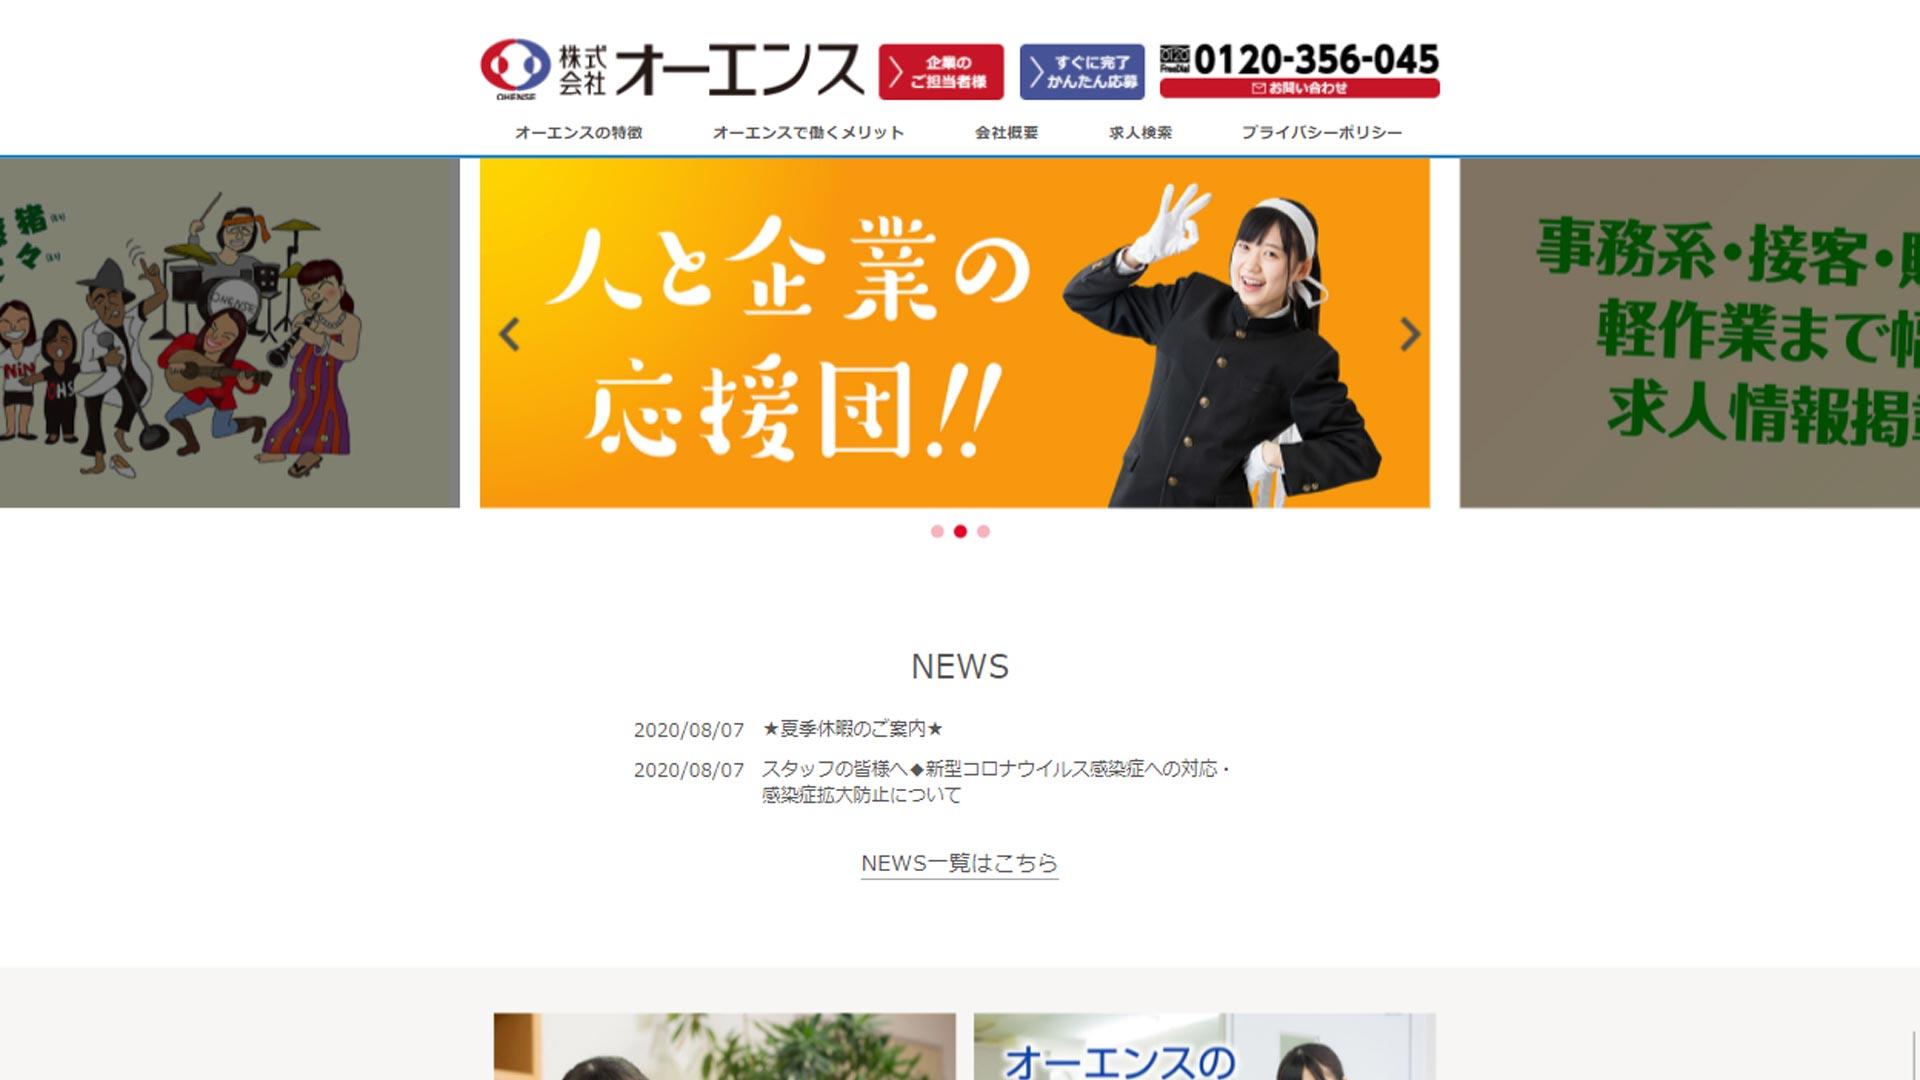 株式会社オーエンス ホームページ   ワイズ関西 グループ企業